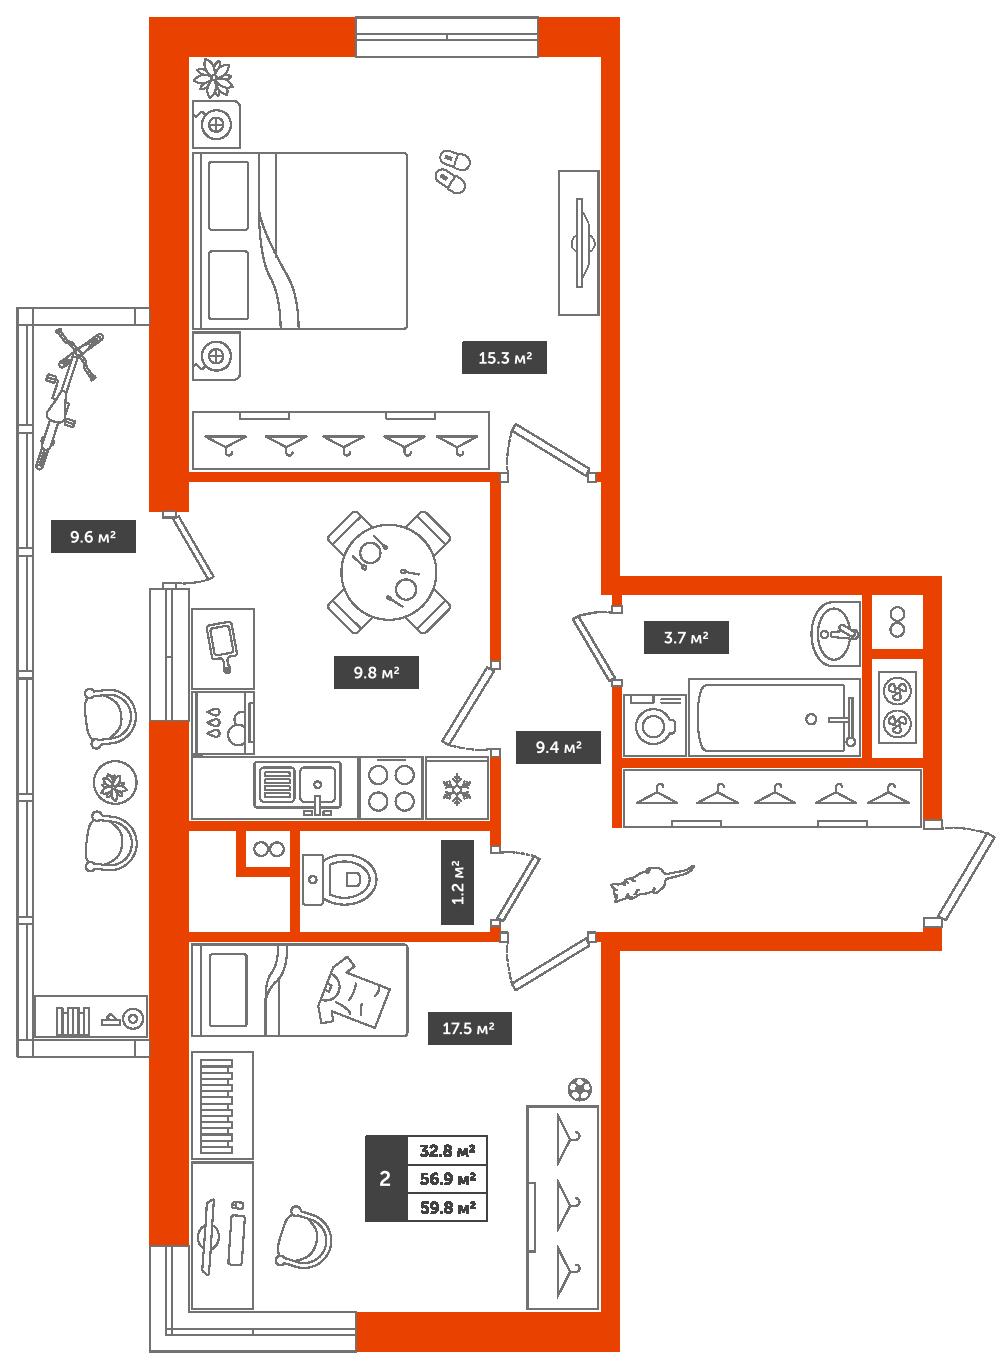 2-комнатная квартира, 59.8м² за 6,5 млн руб.